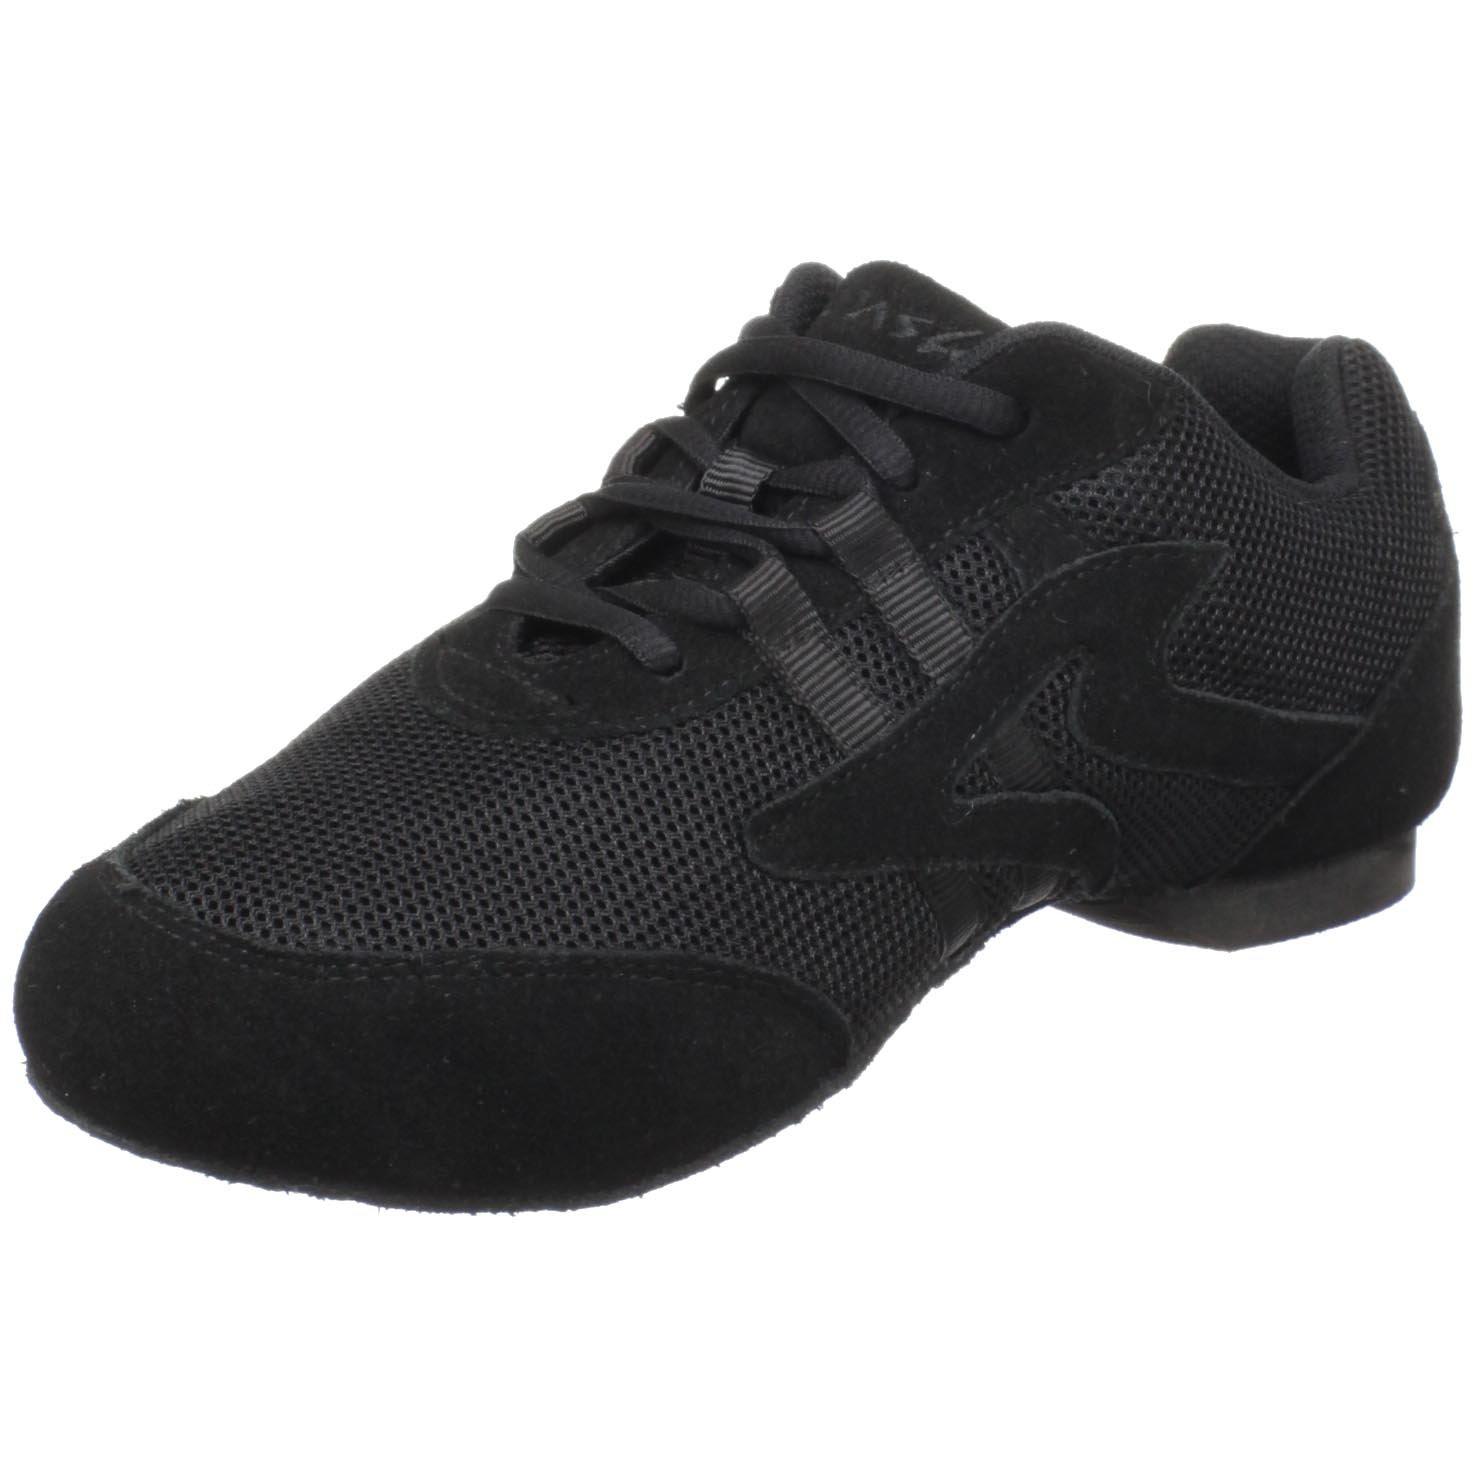 Sansha Salsette Jazz Sneaker Black